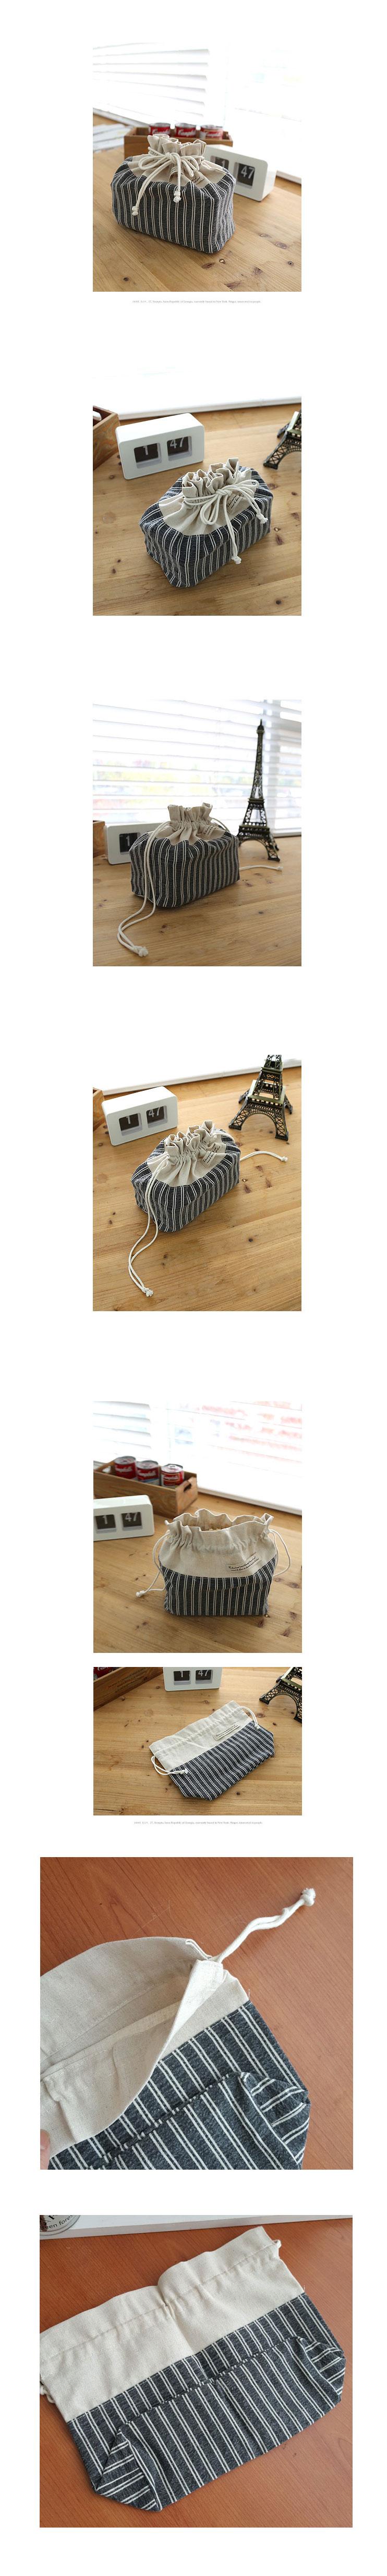 워싱스트라이프 스트링파우치 1p - 안나하우스, 9,500원, 다용도파우치, 끈/주머니형